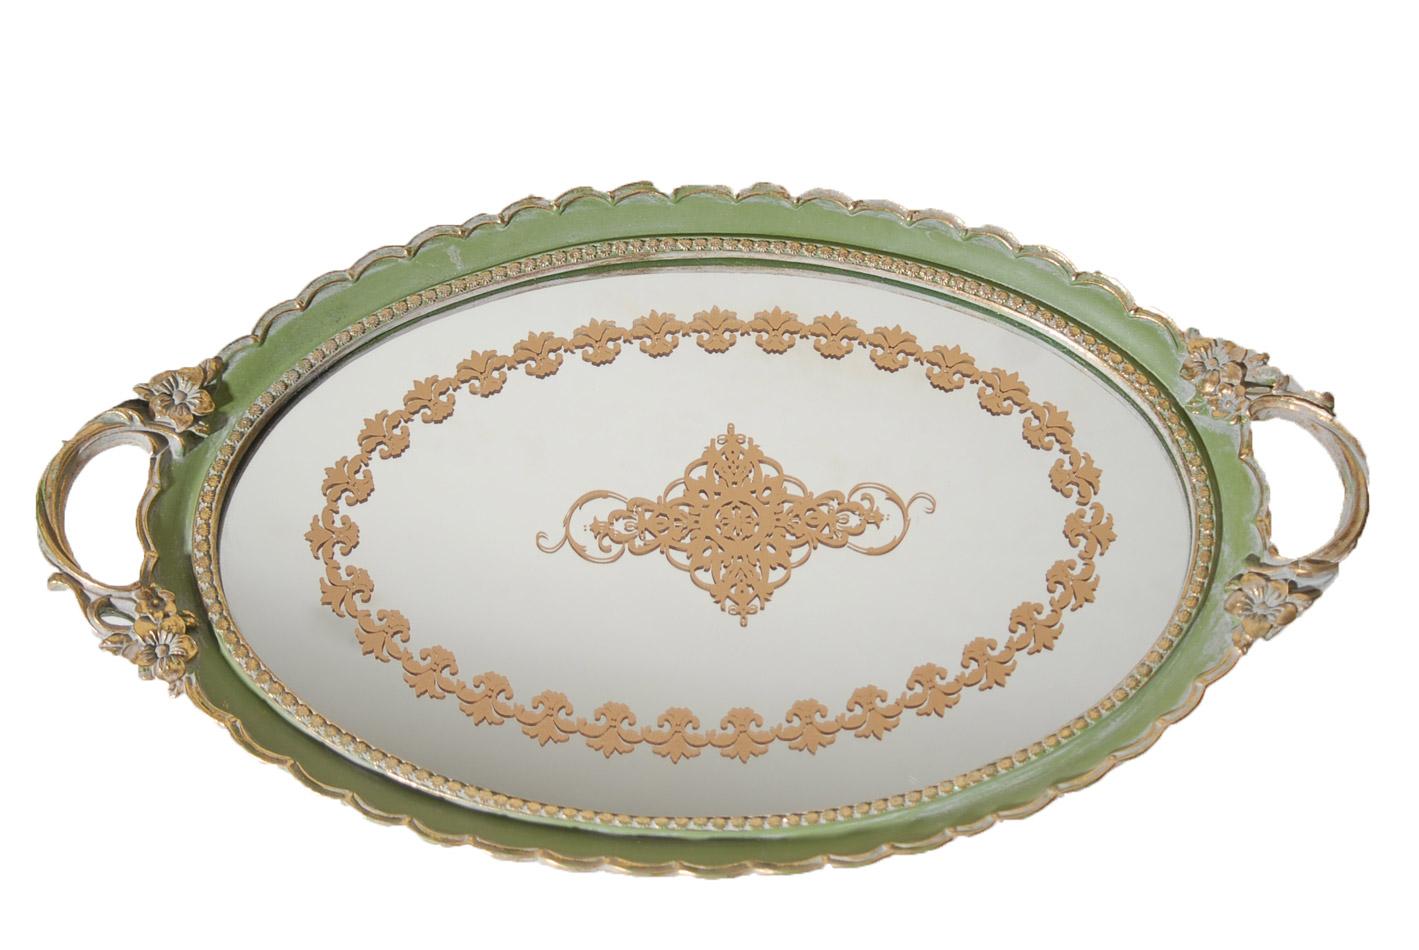 Δίσκος Σερβιρίσματος Με Καθρέπτη Πολυεστερικός Royal Art 50×30εκ. YUA4/241GR (Χρώμα: Πράσινο , Υλικό: Πολυεστερικό) – Royal Art Collection – YUA4/241GR